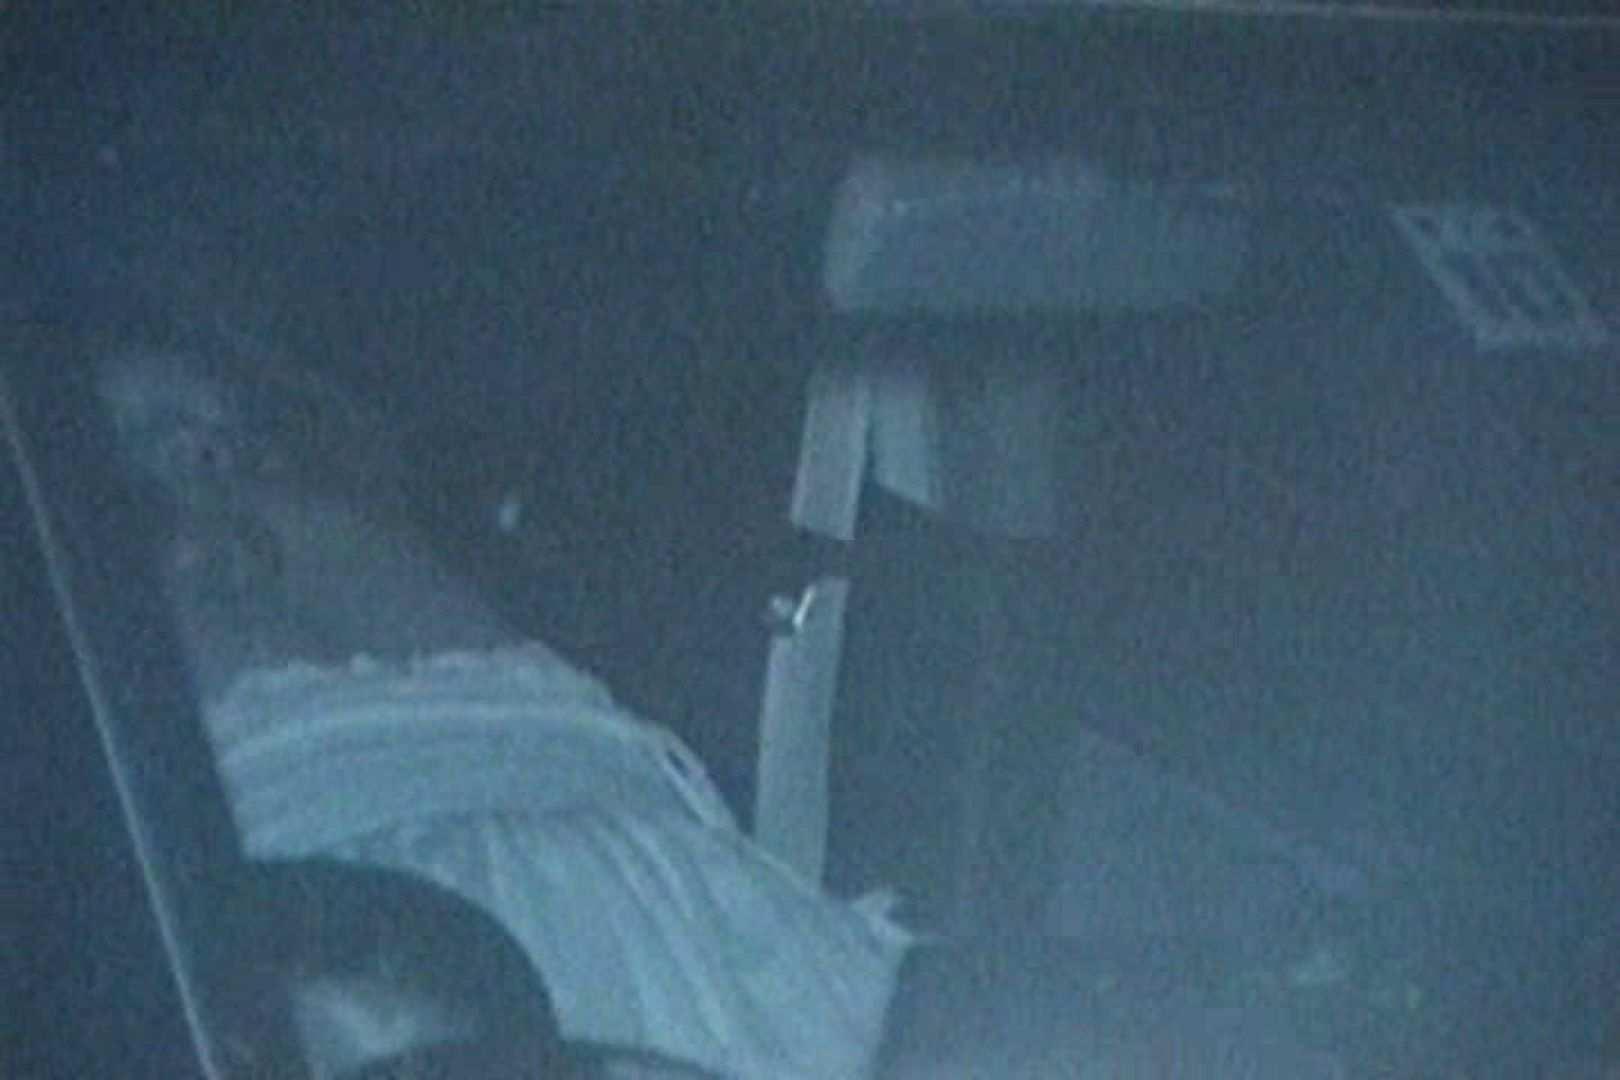 充血監督の深夜の運動会Vol.146 カップルのセックス エロ画像 94PIX 41